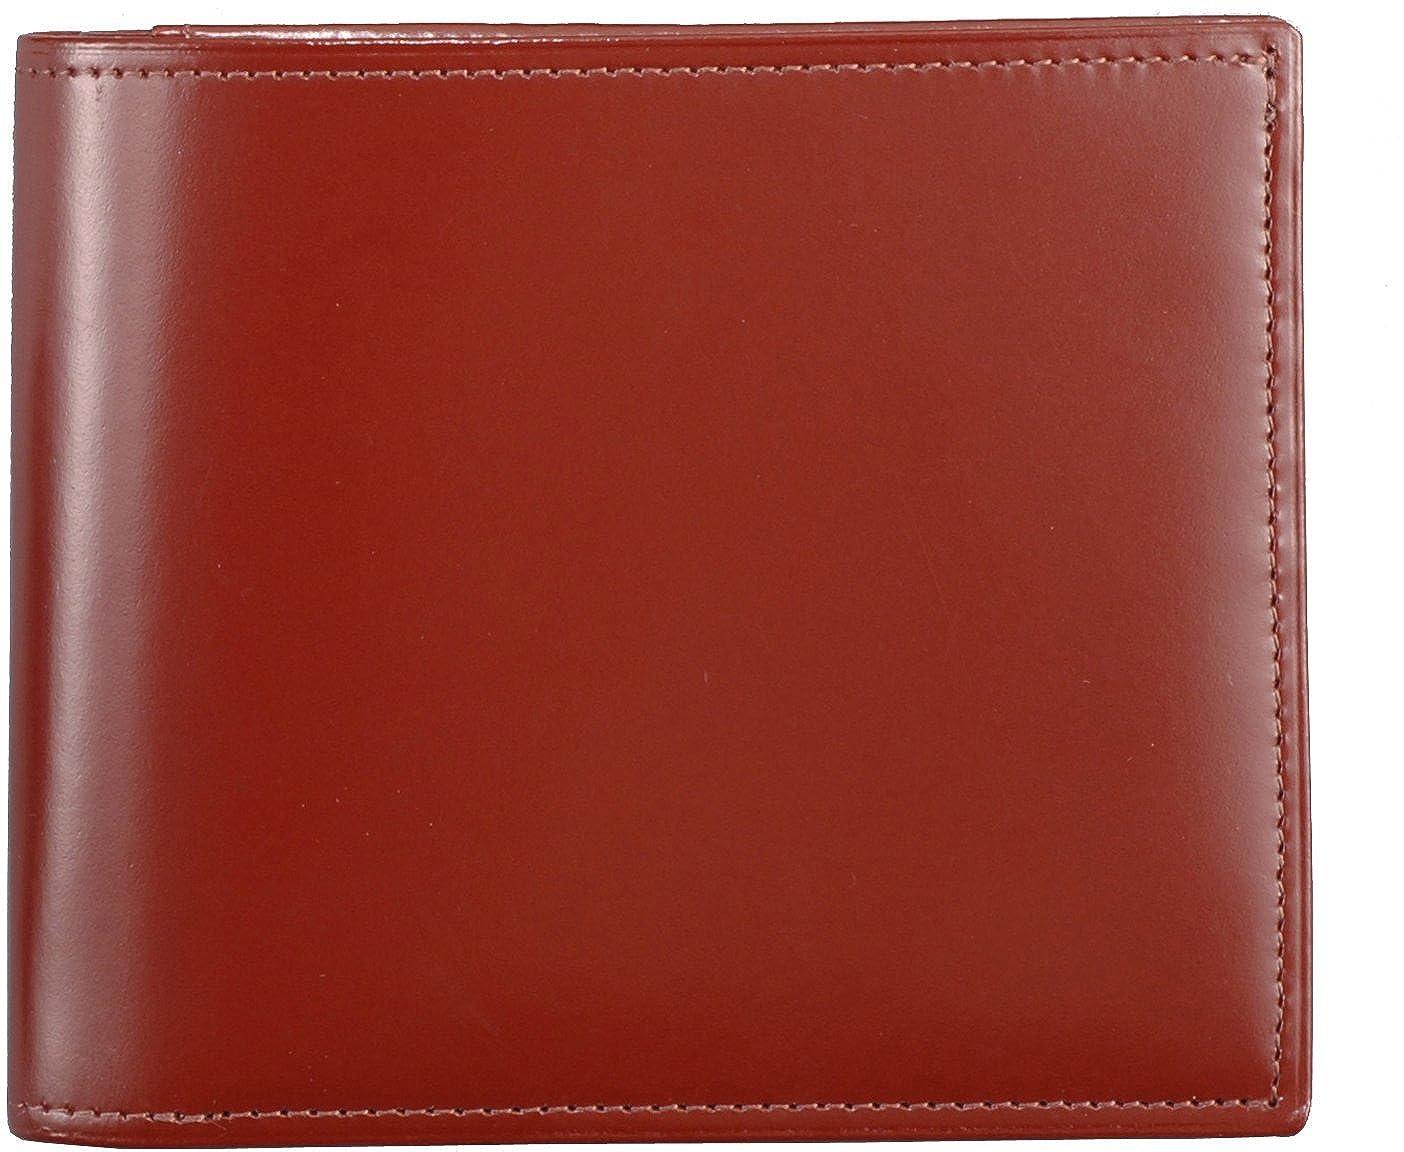 二折財布(小銭入れ付き) B0017IC9YE ブラウン